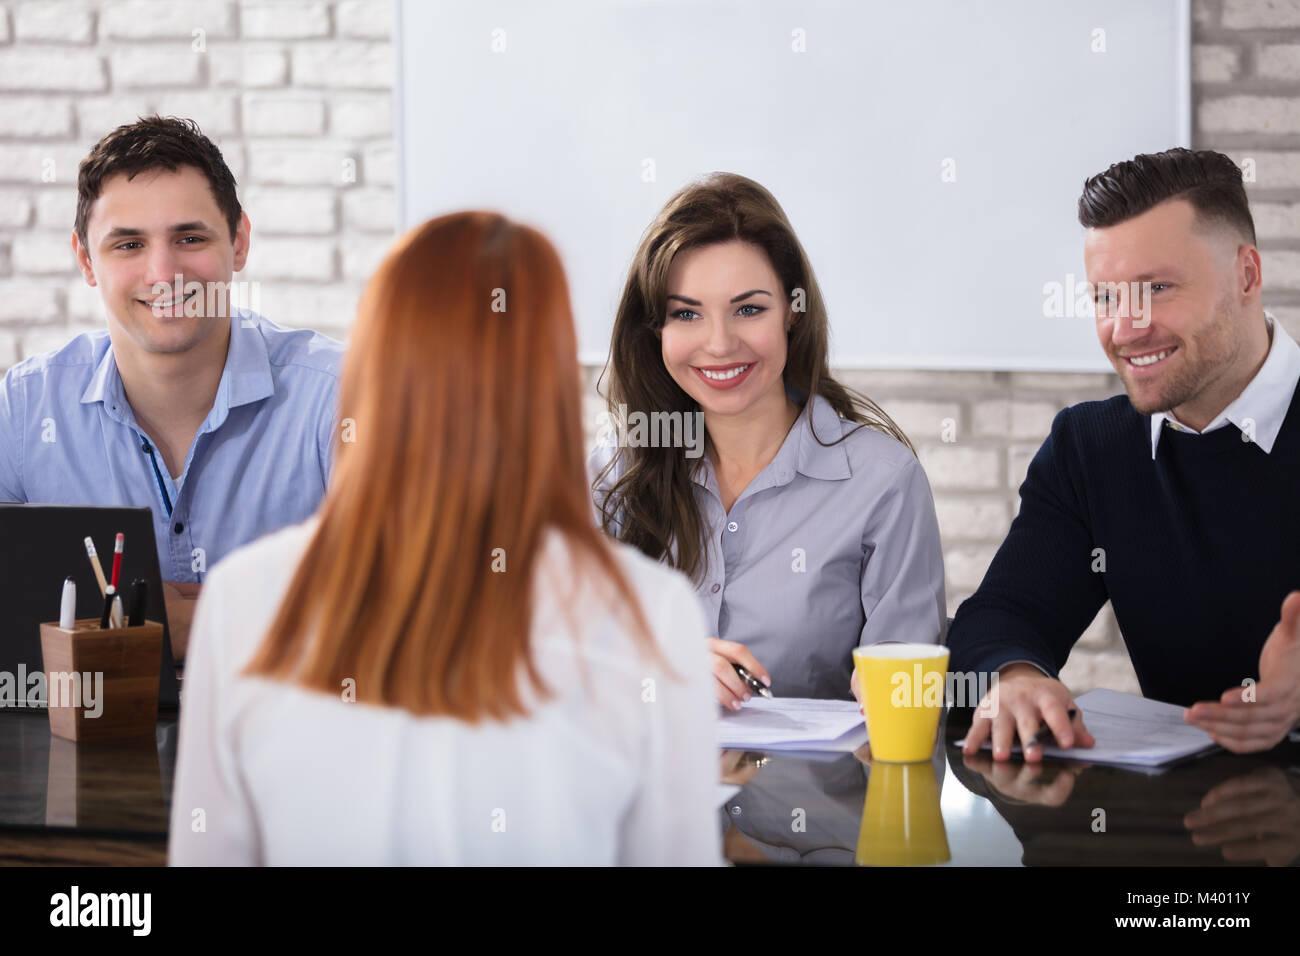 Vue arrière d'une femme à l'Entrevue d'emploi Photo Stock